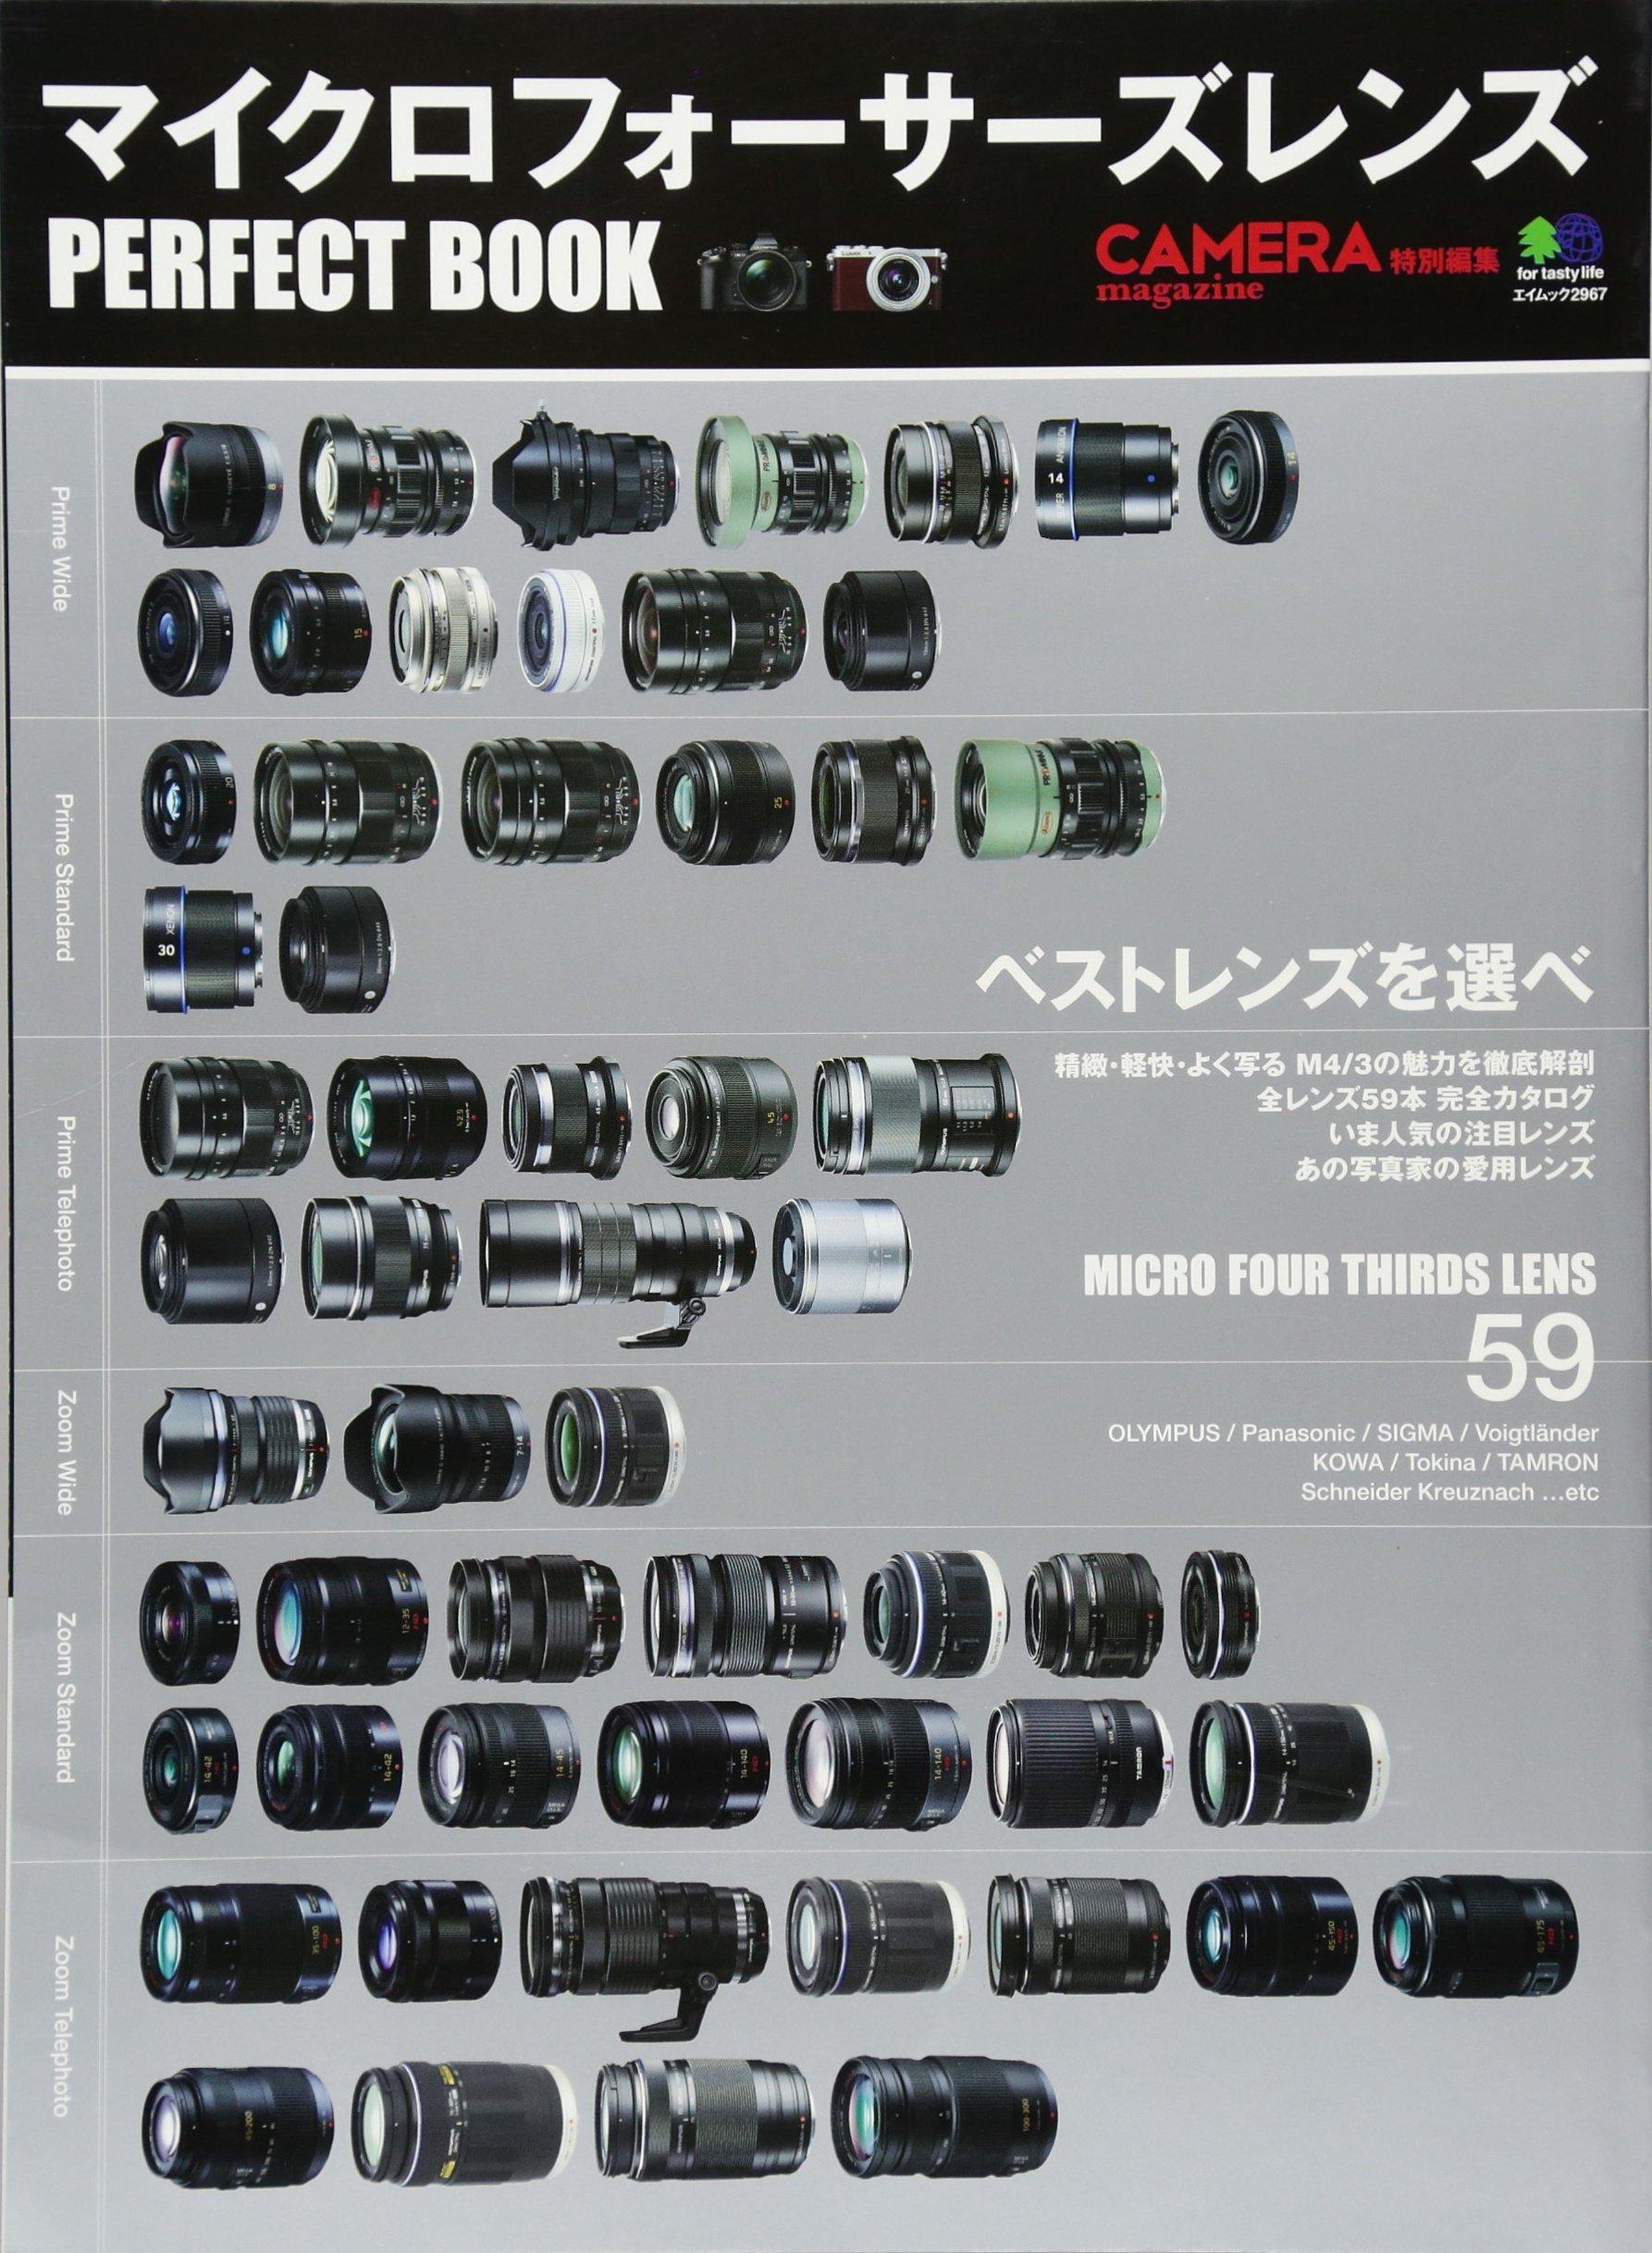 マイクロフォーサーズレンズ PERFECT BOOK